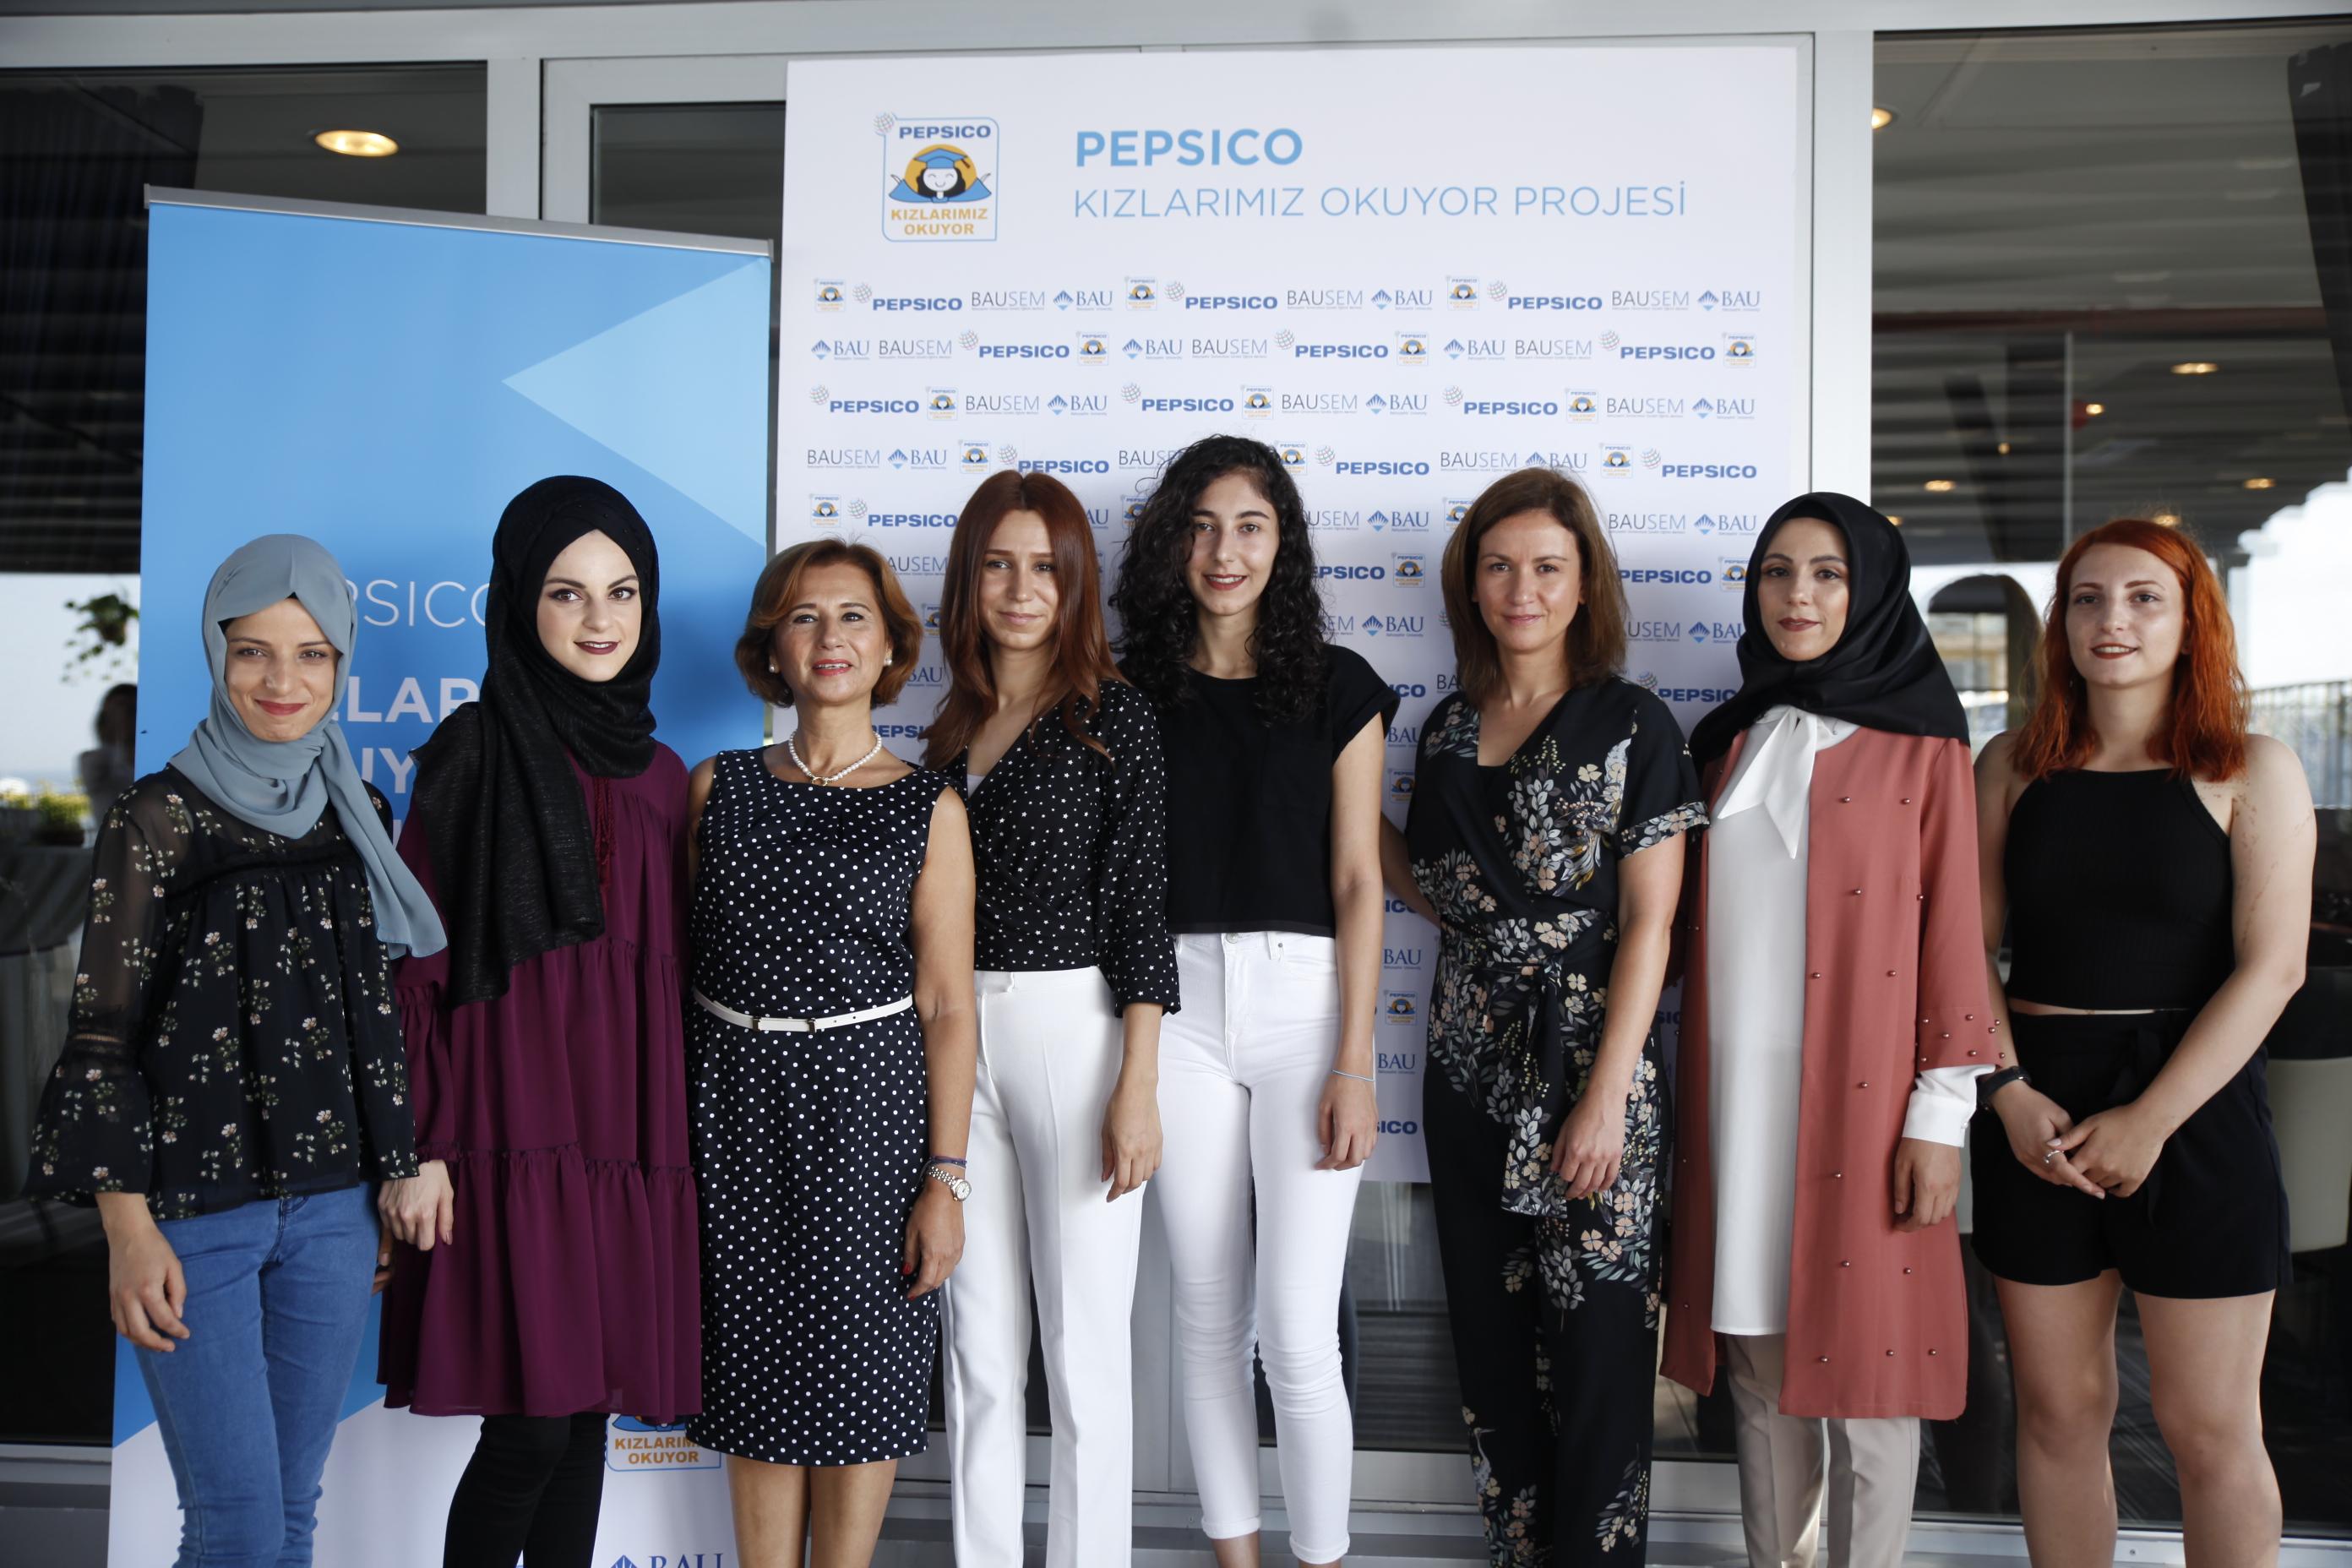 """Dünyanın en büyük yiyecek ve içecek şirketlerinden PepsiCo, içinde faaliyet gösterdiği toplumlarda refahı artırmaya yönelik sürdürülebilirlik projelerinden olan """"Kızlarımız Okuyor"""" burs ve staj programının yeni dönem çalışmalarına başladı."""